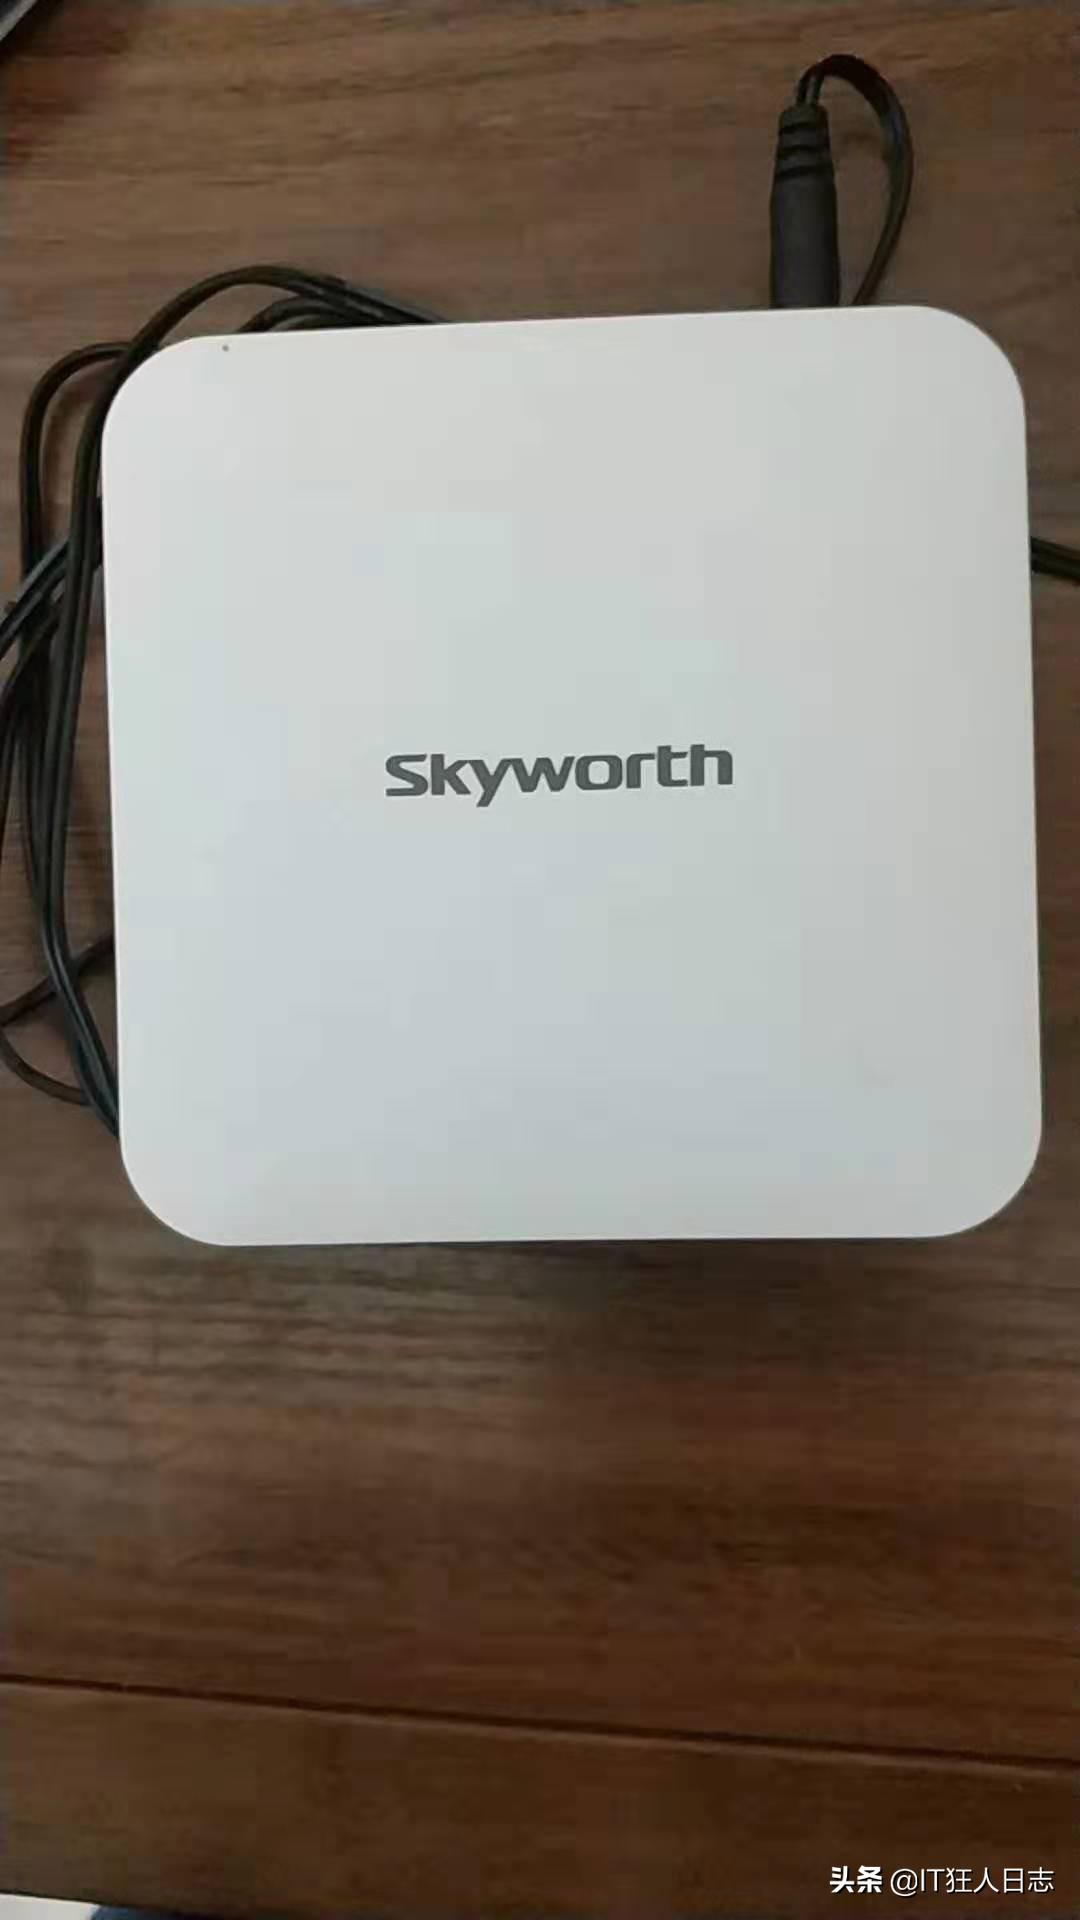 装宽带送你的电视机顶盒不起作用?别消耗了,跟我一键刷机用起來